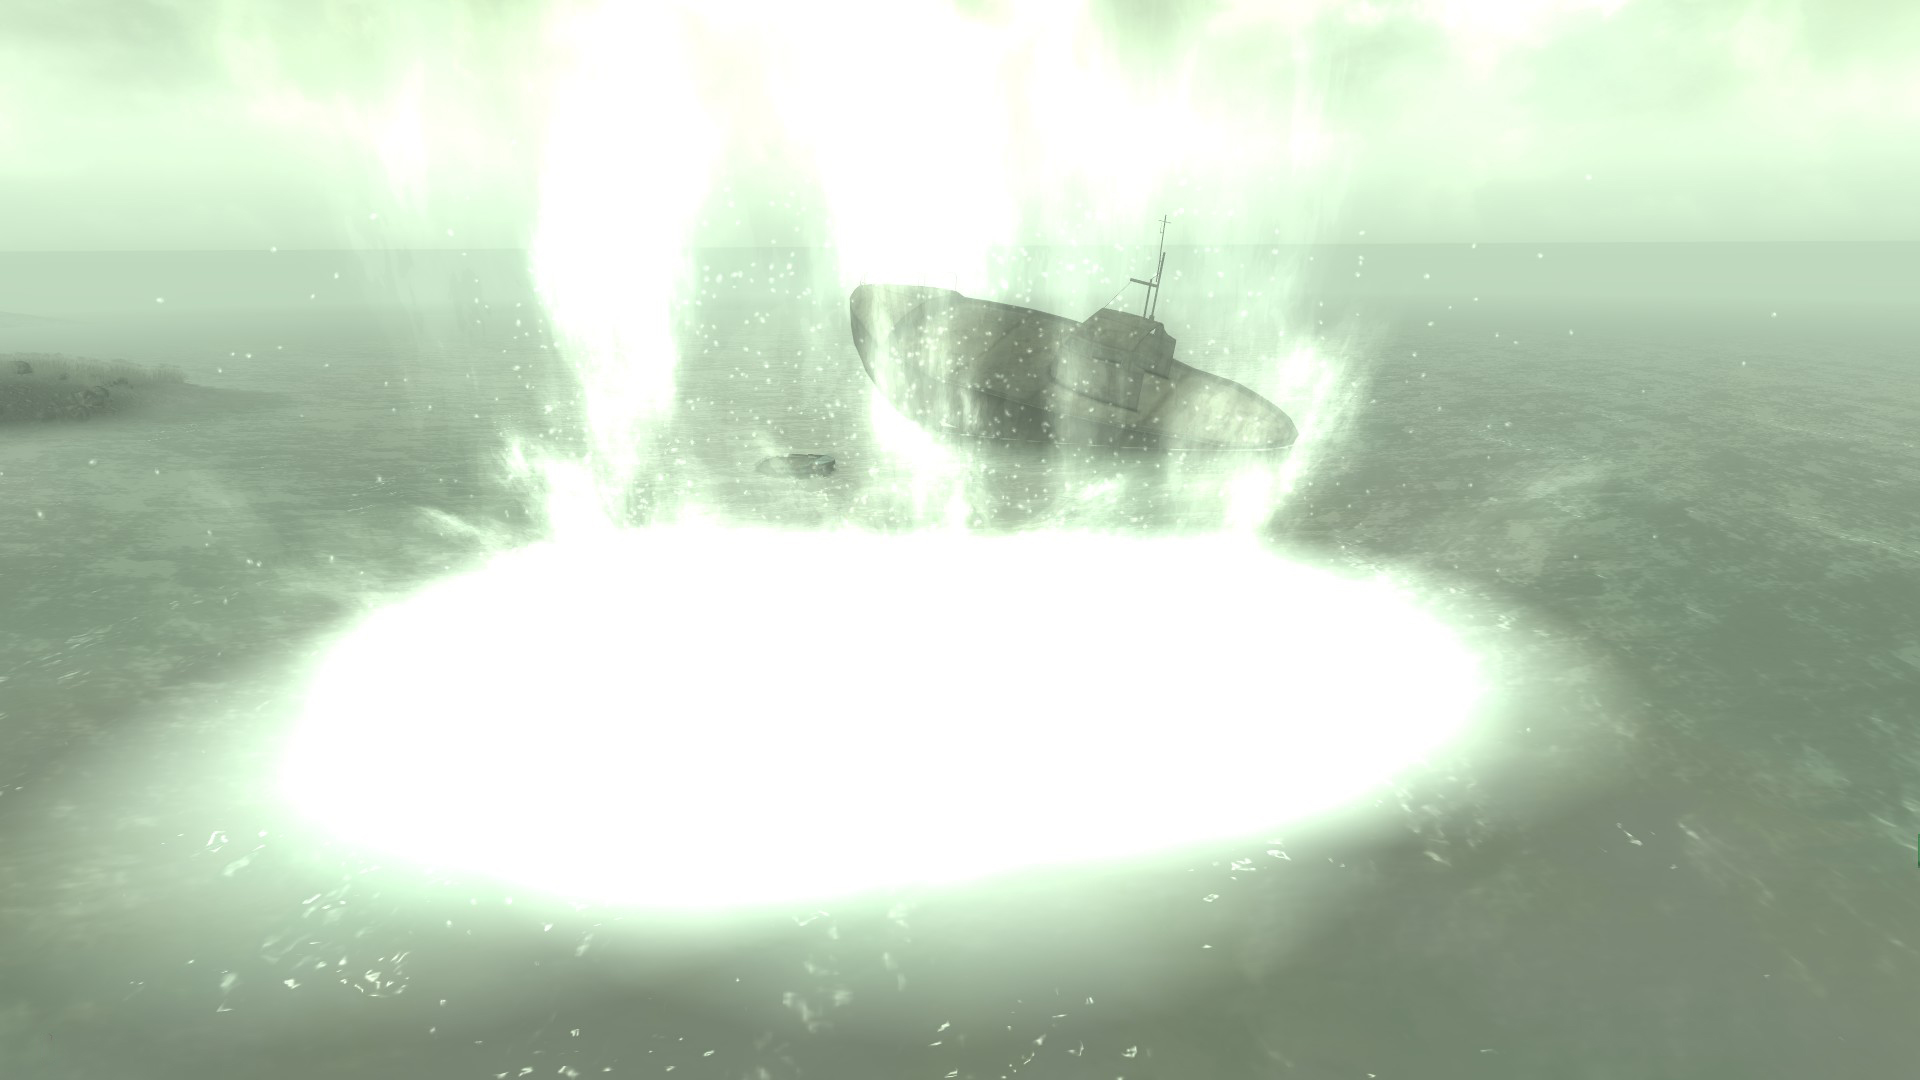 SSN-37-1A destruction